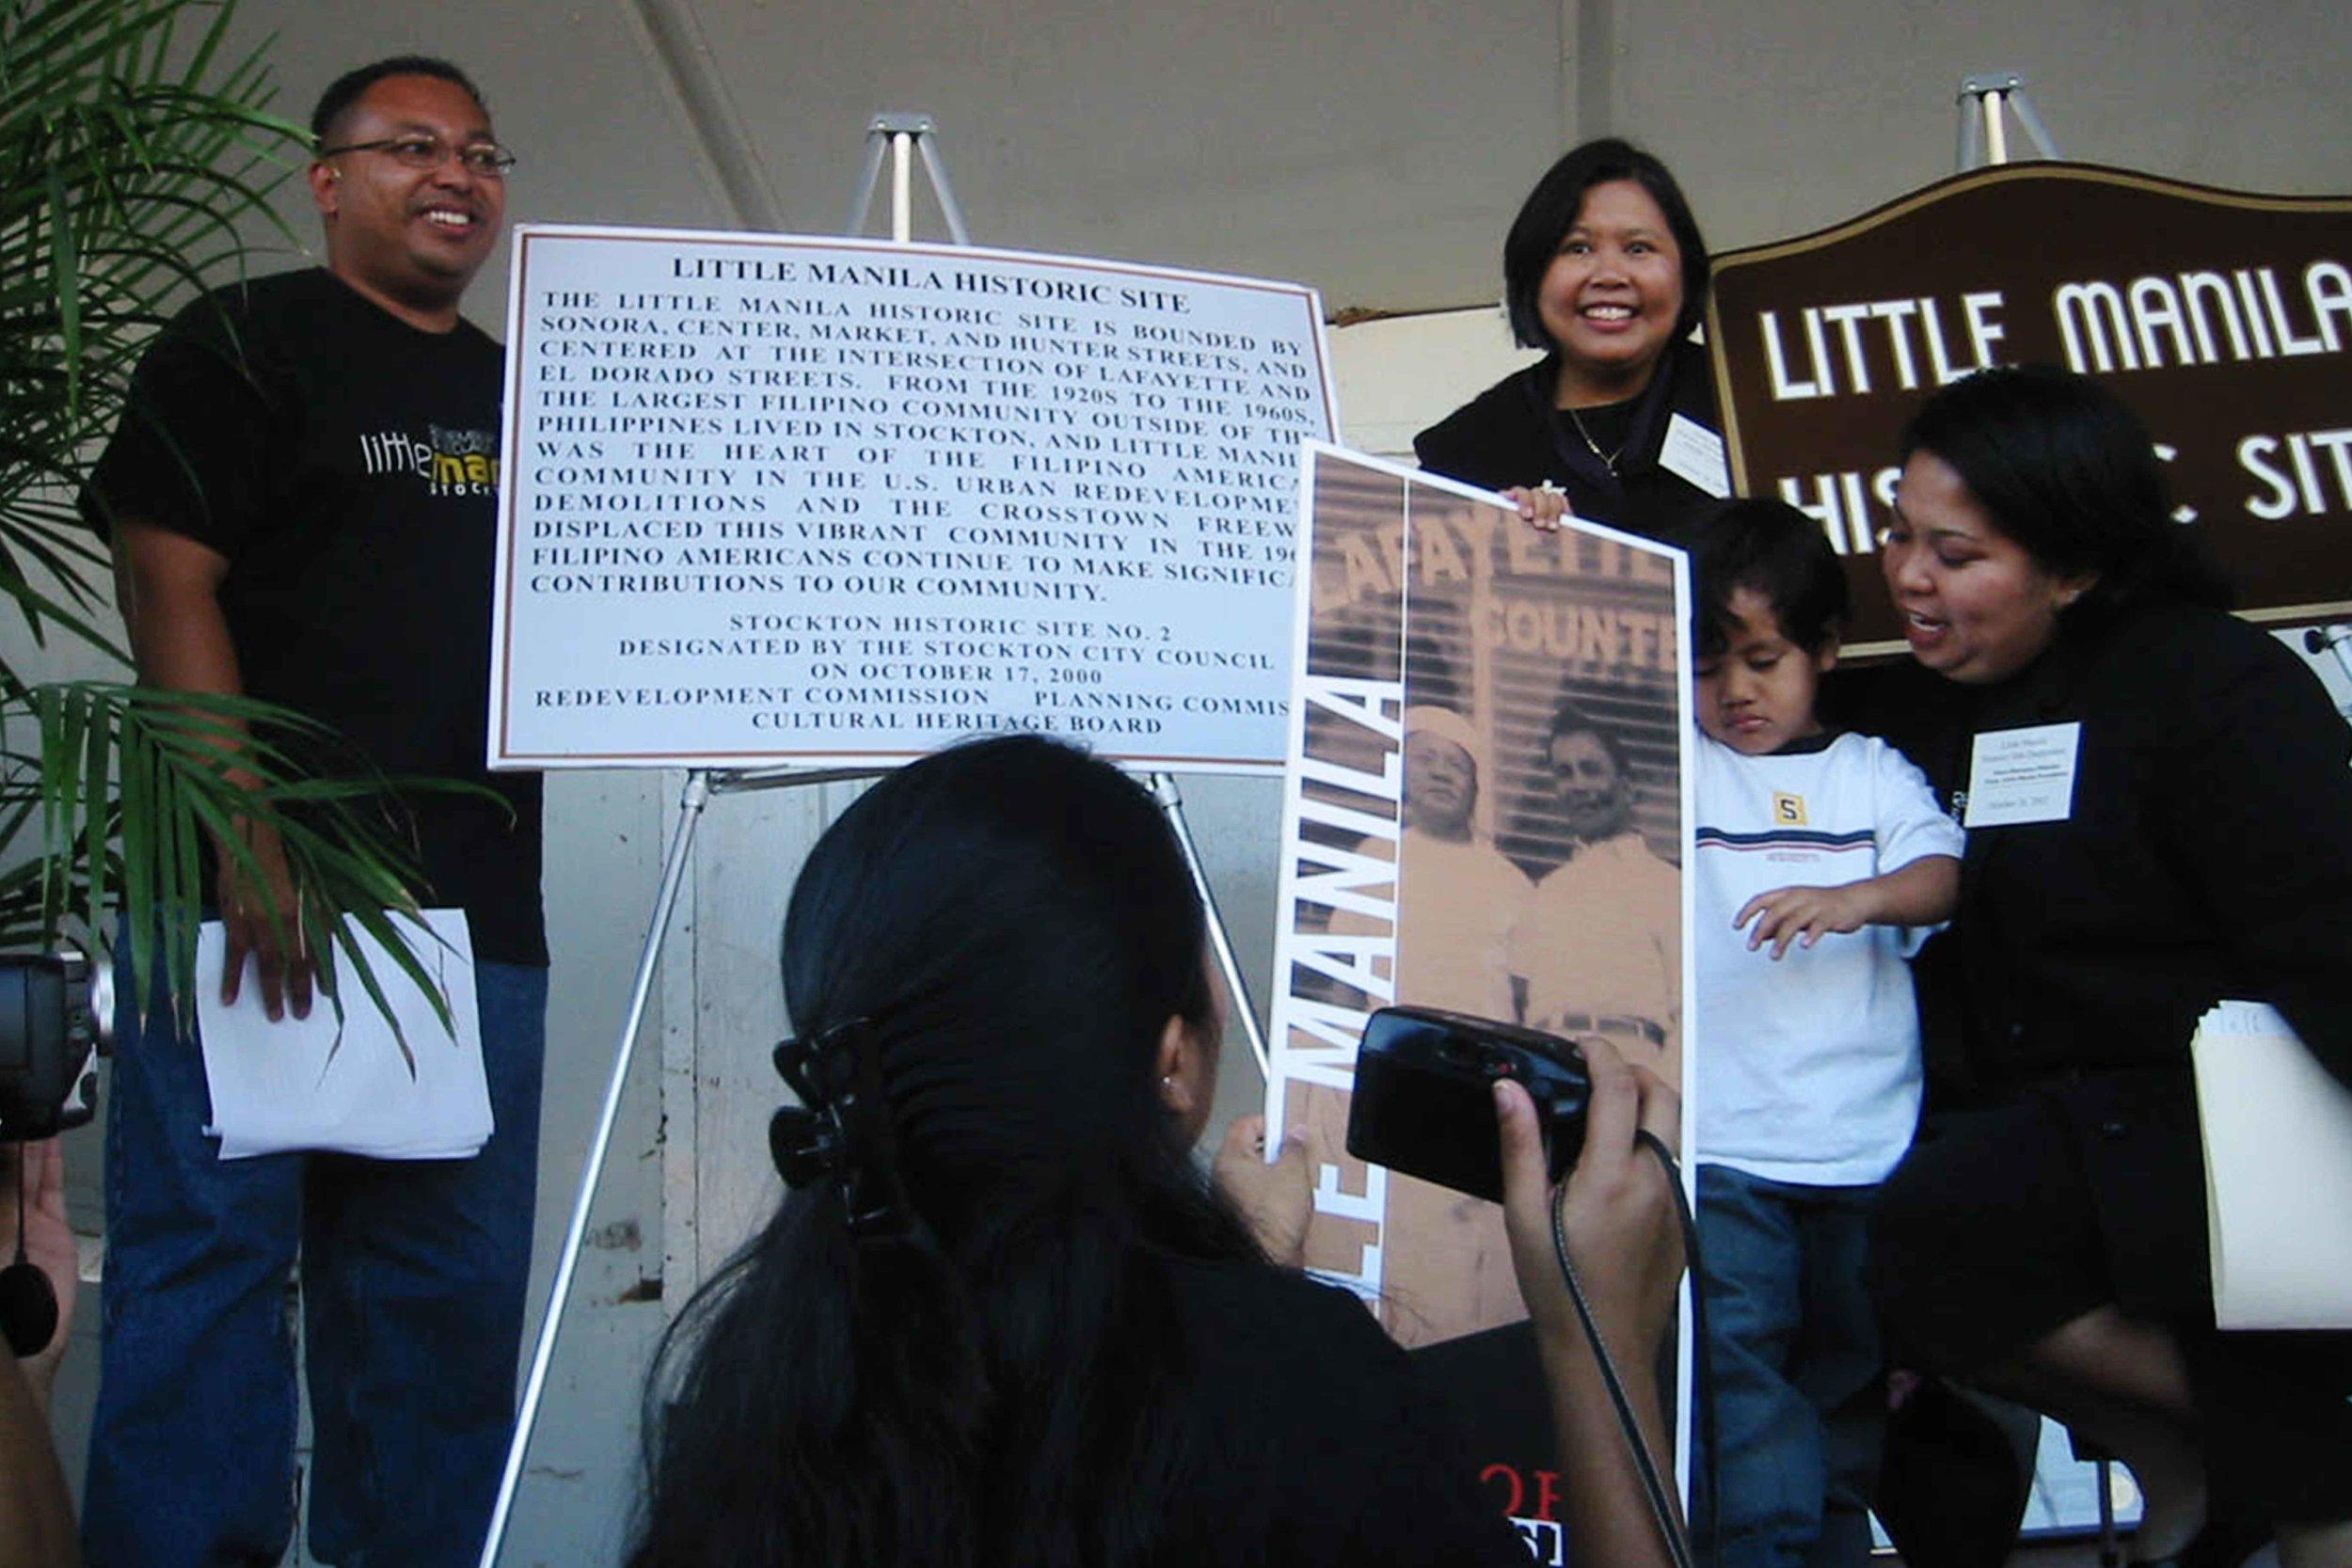 Little Manila Rising co-founders Dillon Delvo (far left) and Dawn Bohulano Mabalon (far right) at the dedication event for the Little Manila Historic Site in Stockton, California. Courtesy of Dillon Delvo.